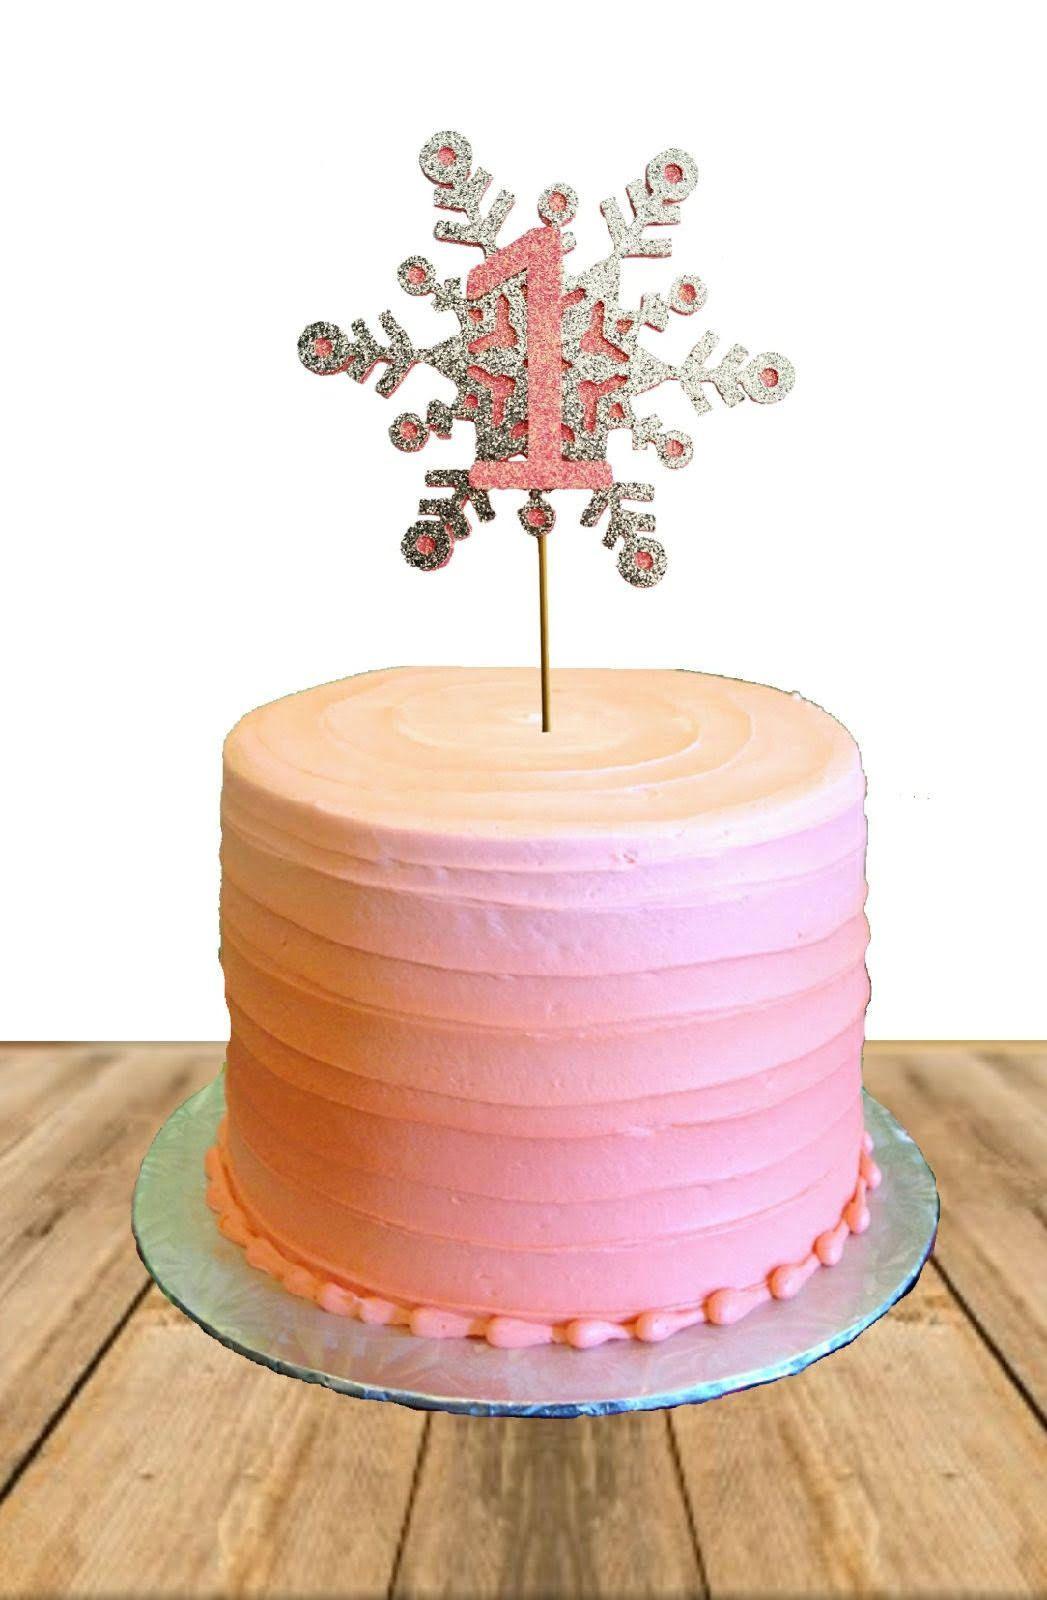 Winter Onederland cake topper 1st Birthday Cake Topper Winter Wonderland theme First Birthday Decor Winter Cake Topper for Boy